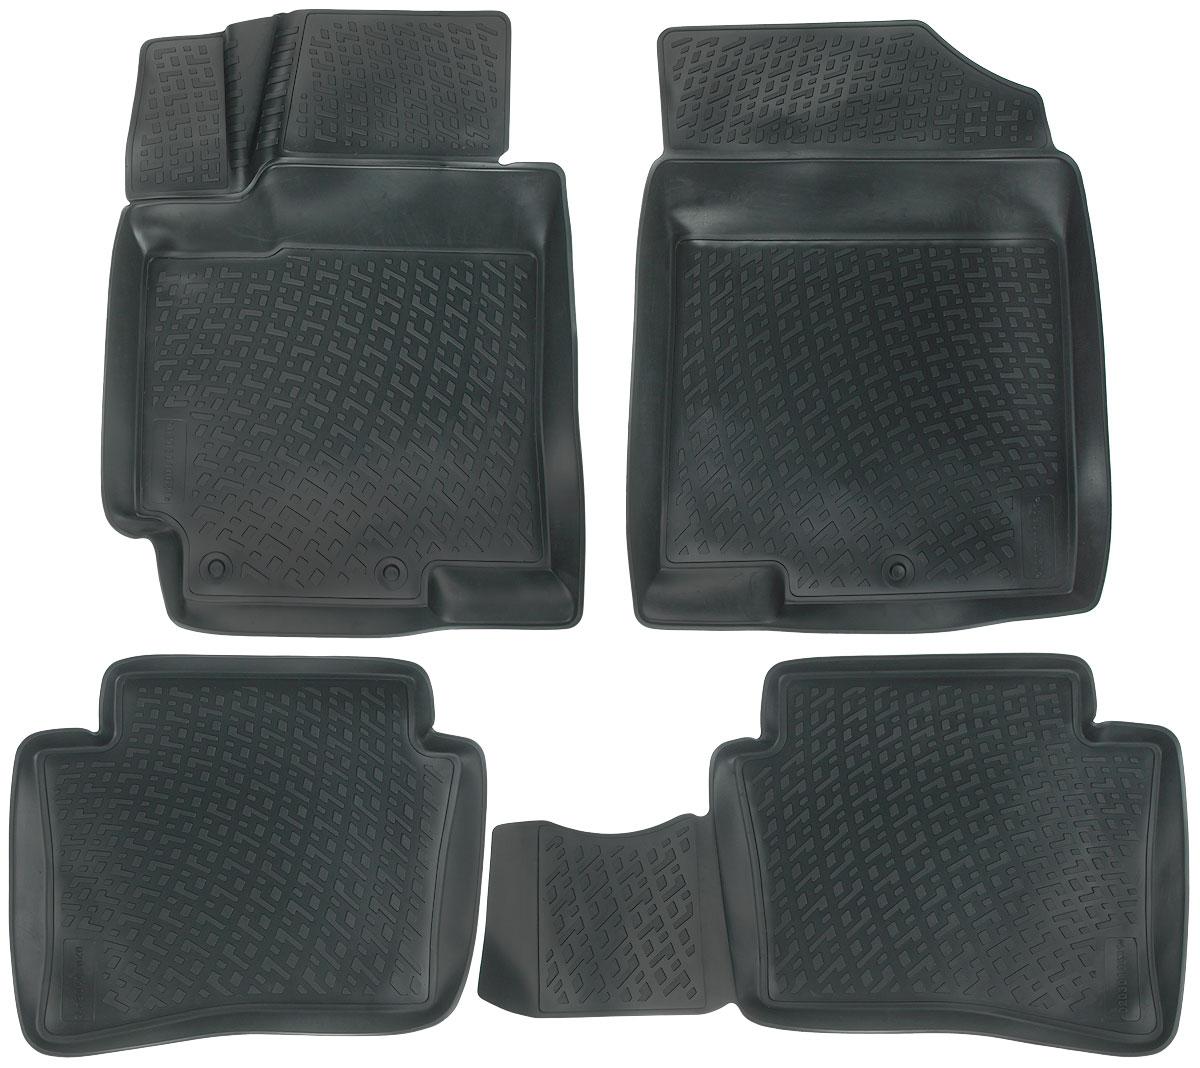 Набор автомобильных ковриков L.Locker Kia Rio 2011, в салон, 4 шт80621Набор L.Locker Kia Rio 2011, изготовленный из полиуретана,состоит из 4 антискользящих 3D ковриков,которые производятся индивидуально для каждой моделиавтомобиля. Изделие точно повторяет геометрию пола автомобиля, имеет высокийборт, обладает повышенной износоустойчивостью, лишено резкого запаха и сохраняет своипотребительские свойства в широком диапазоне температур от -50°С до +50°С.Комплектация: 4 шт.Размер ковриков: 75 см х 56 см; 85 см х 48 см; 56 см х 47 см; 74 см х 56 см.